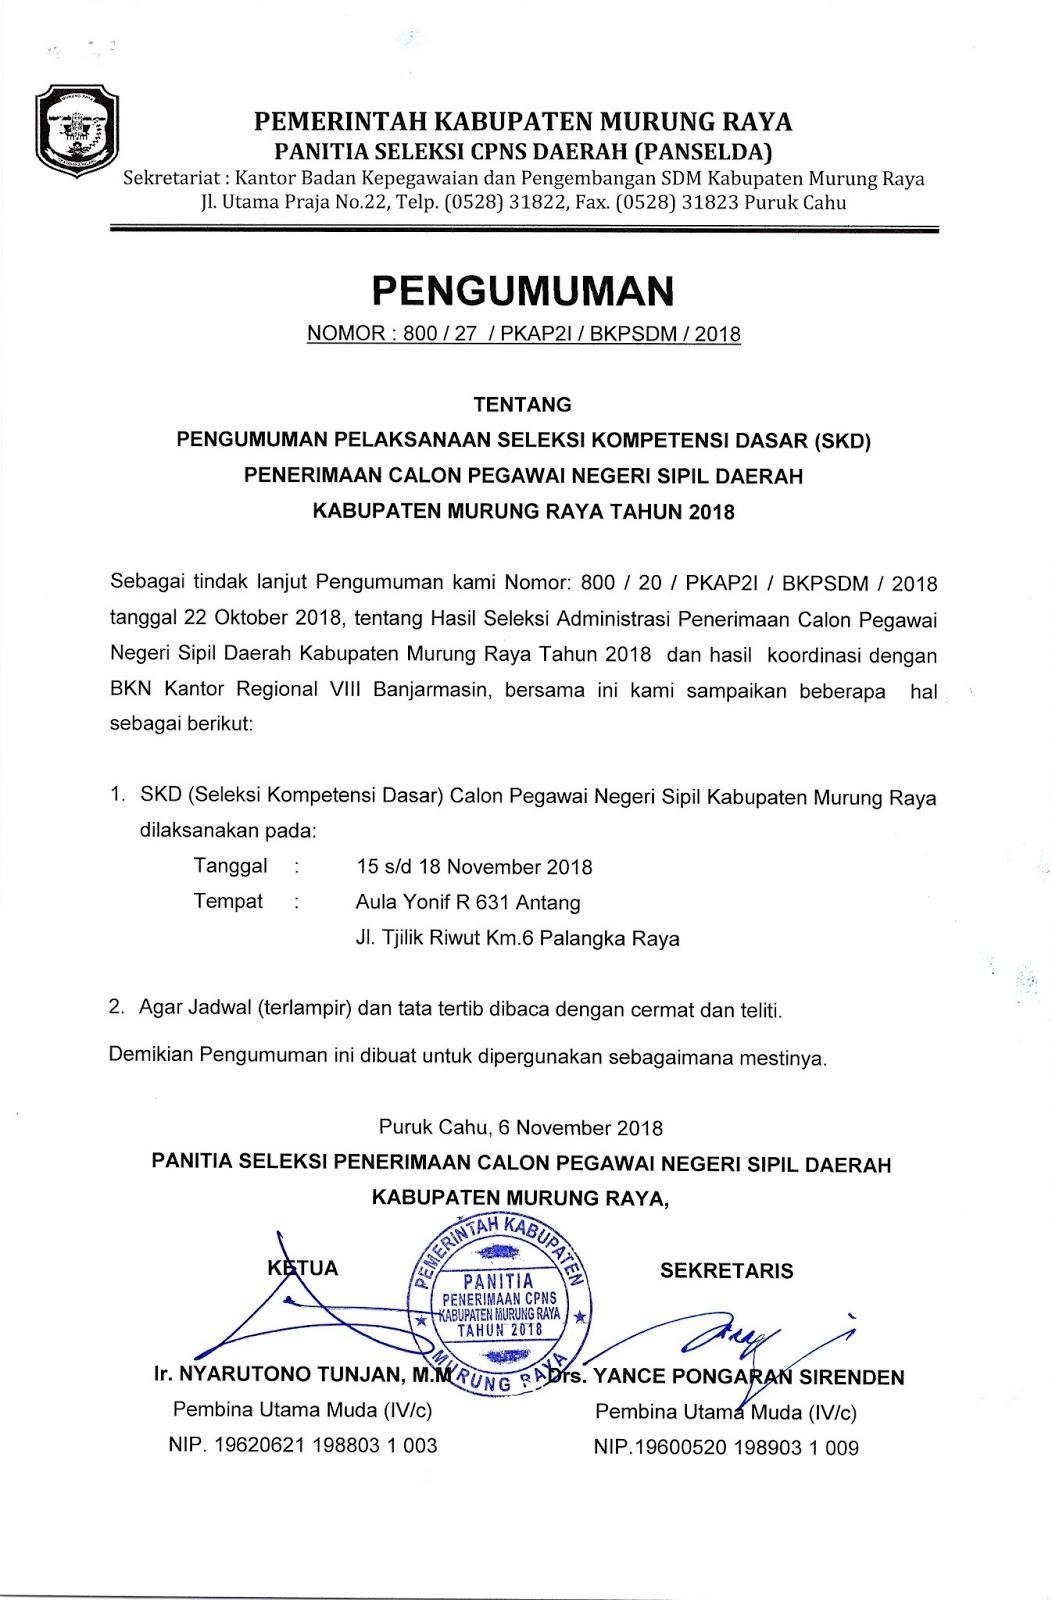 Pengumuman Seleksi CPNS 2018 Kabupaten Murung Raya